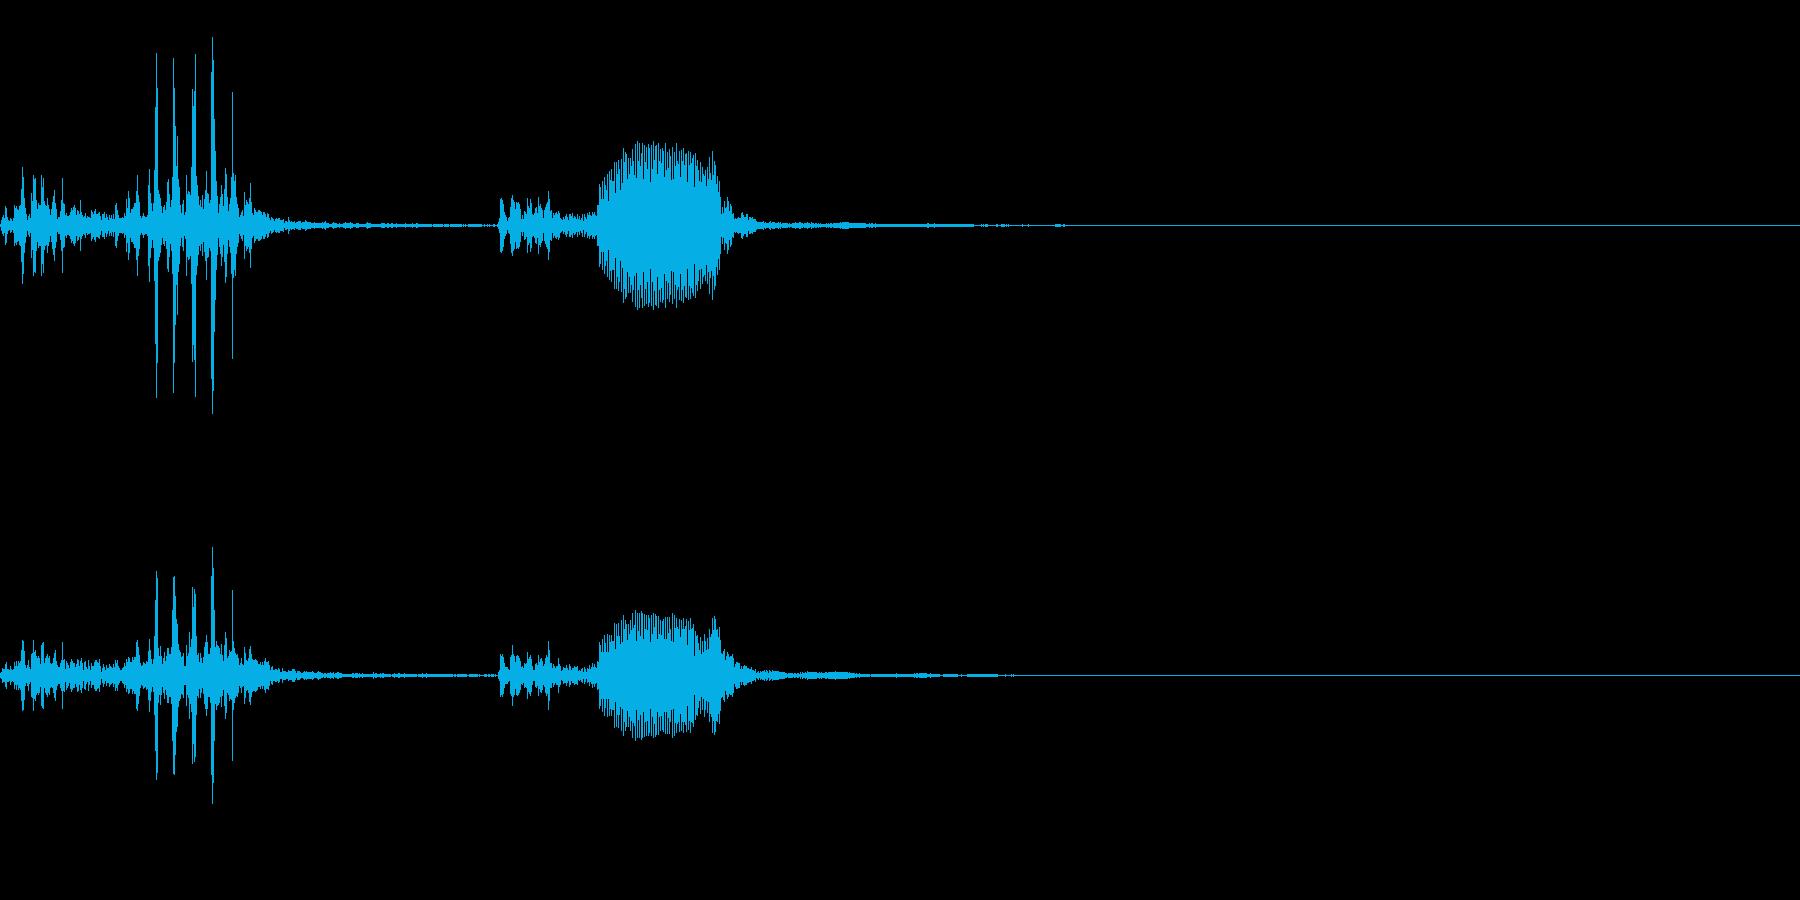 【生録音】フラミンゴの鳴き声 23の再生済みの波形